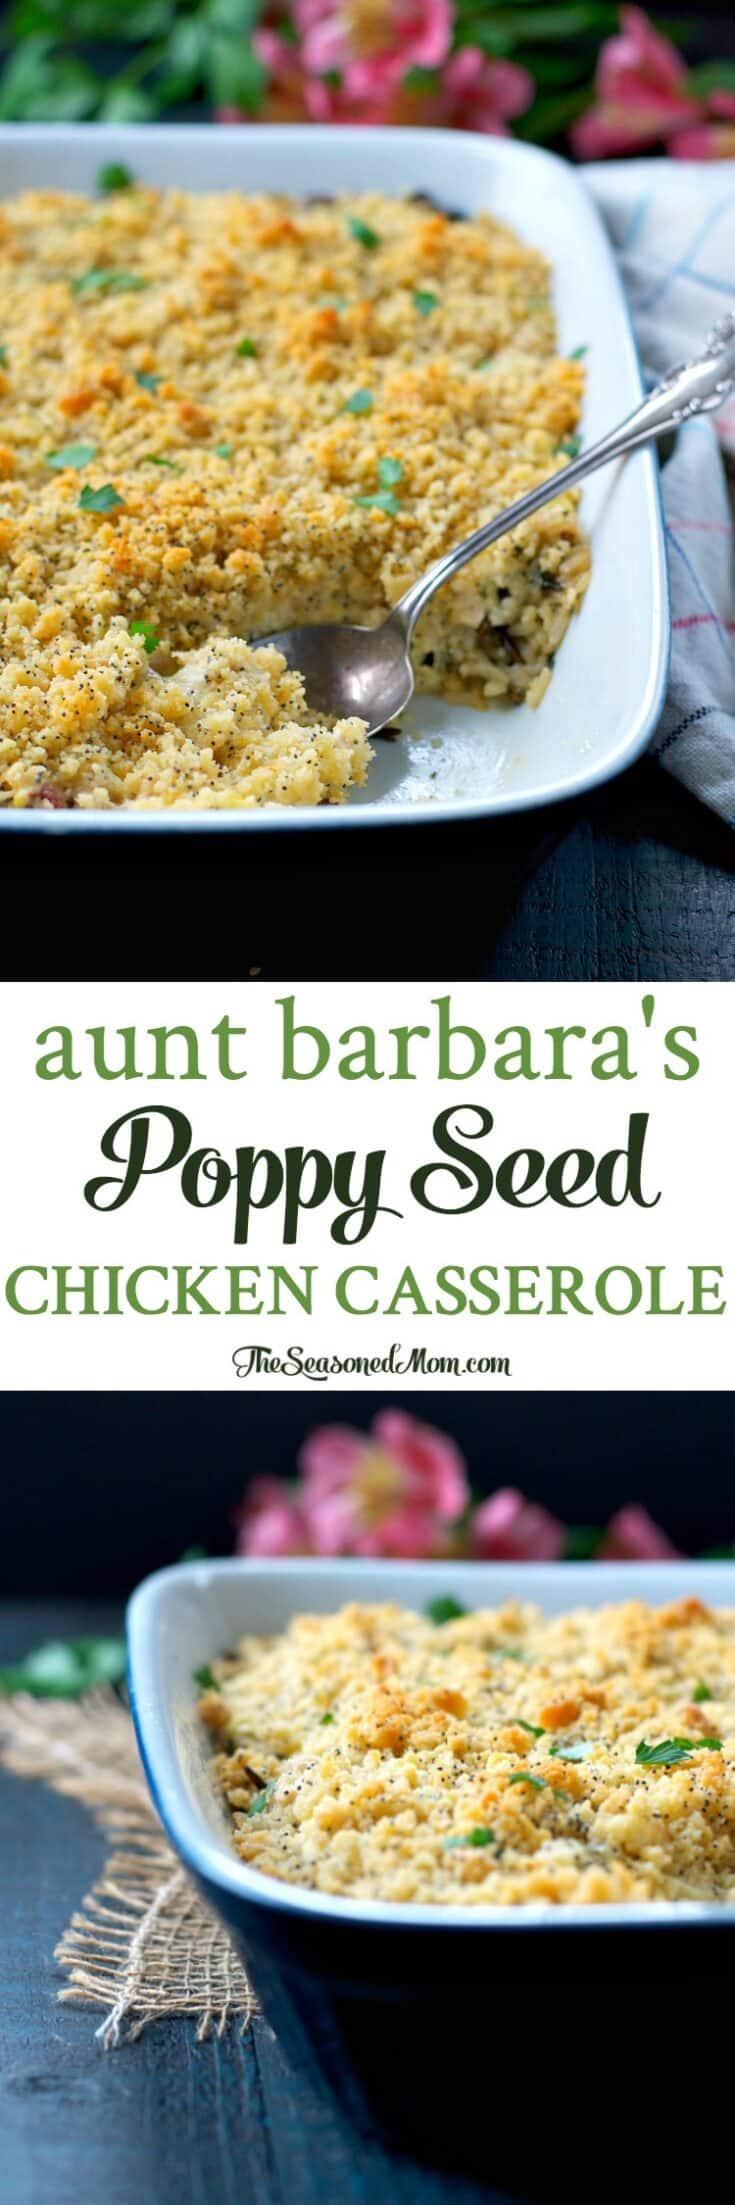 Aunt Barbara's Poppy Seed Chicken Casserole